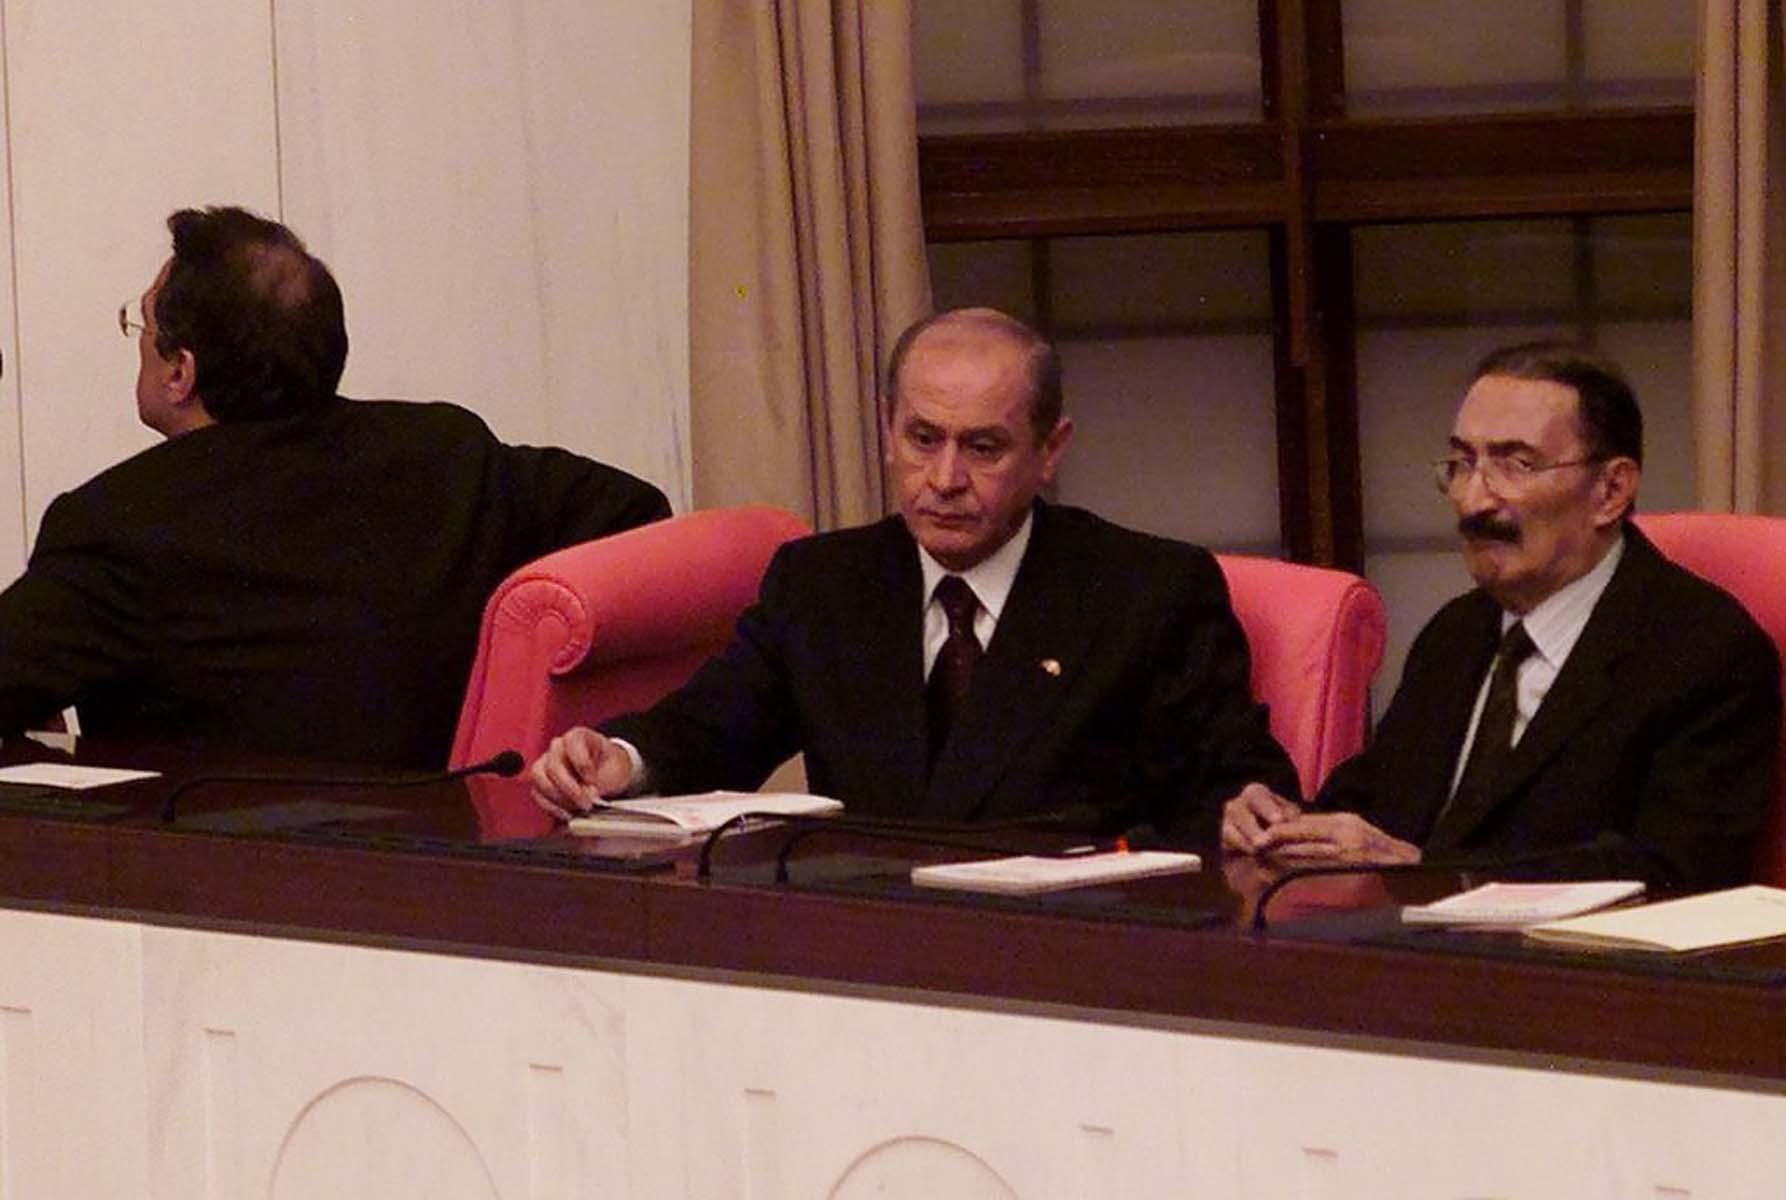 Zülfü Livaneli'nin Bülent Ecevit açıklamalarına MHP lideri Bahçeli'den sert yanıt: Mesnetsiz iddialarını reddettiğimi paylaşmak isterim